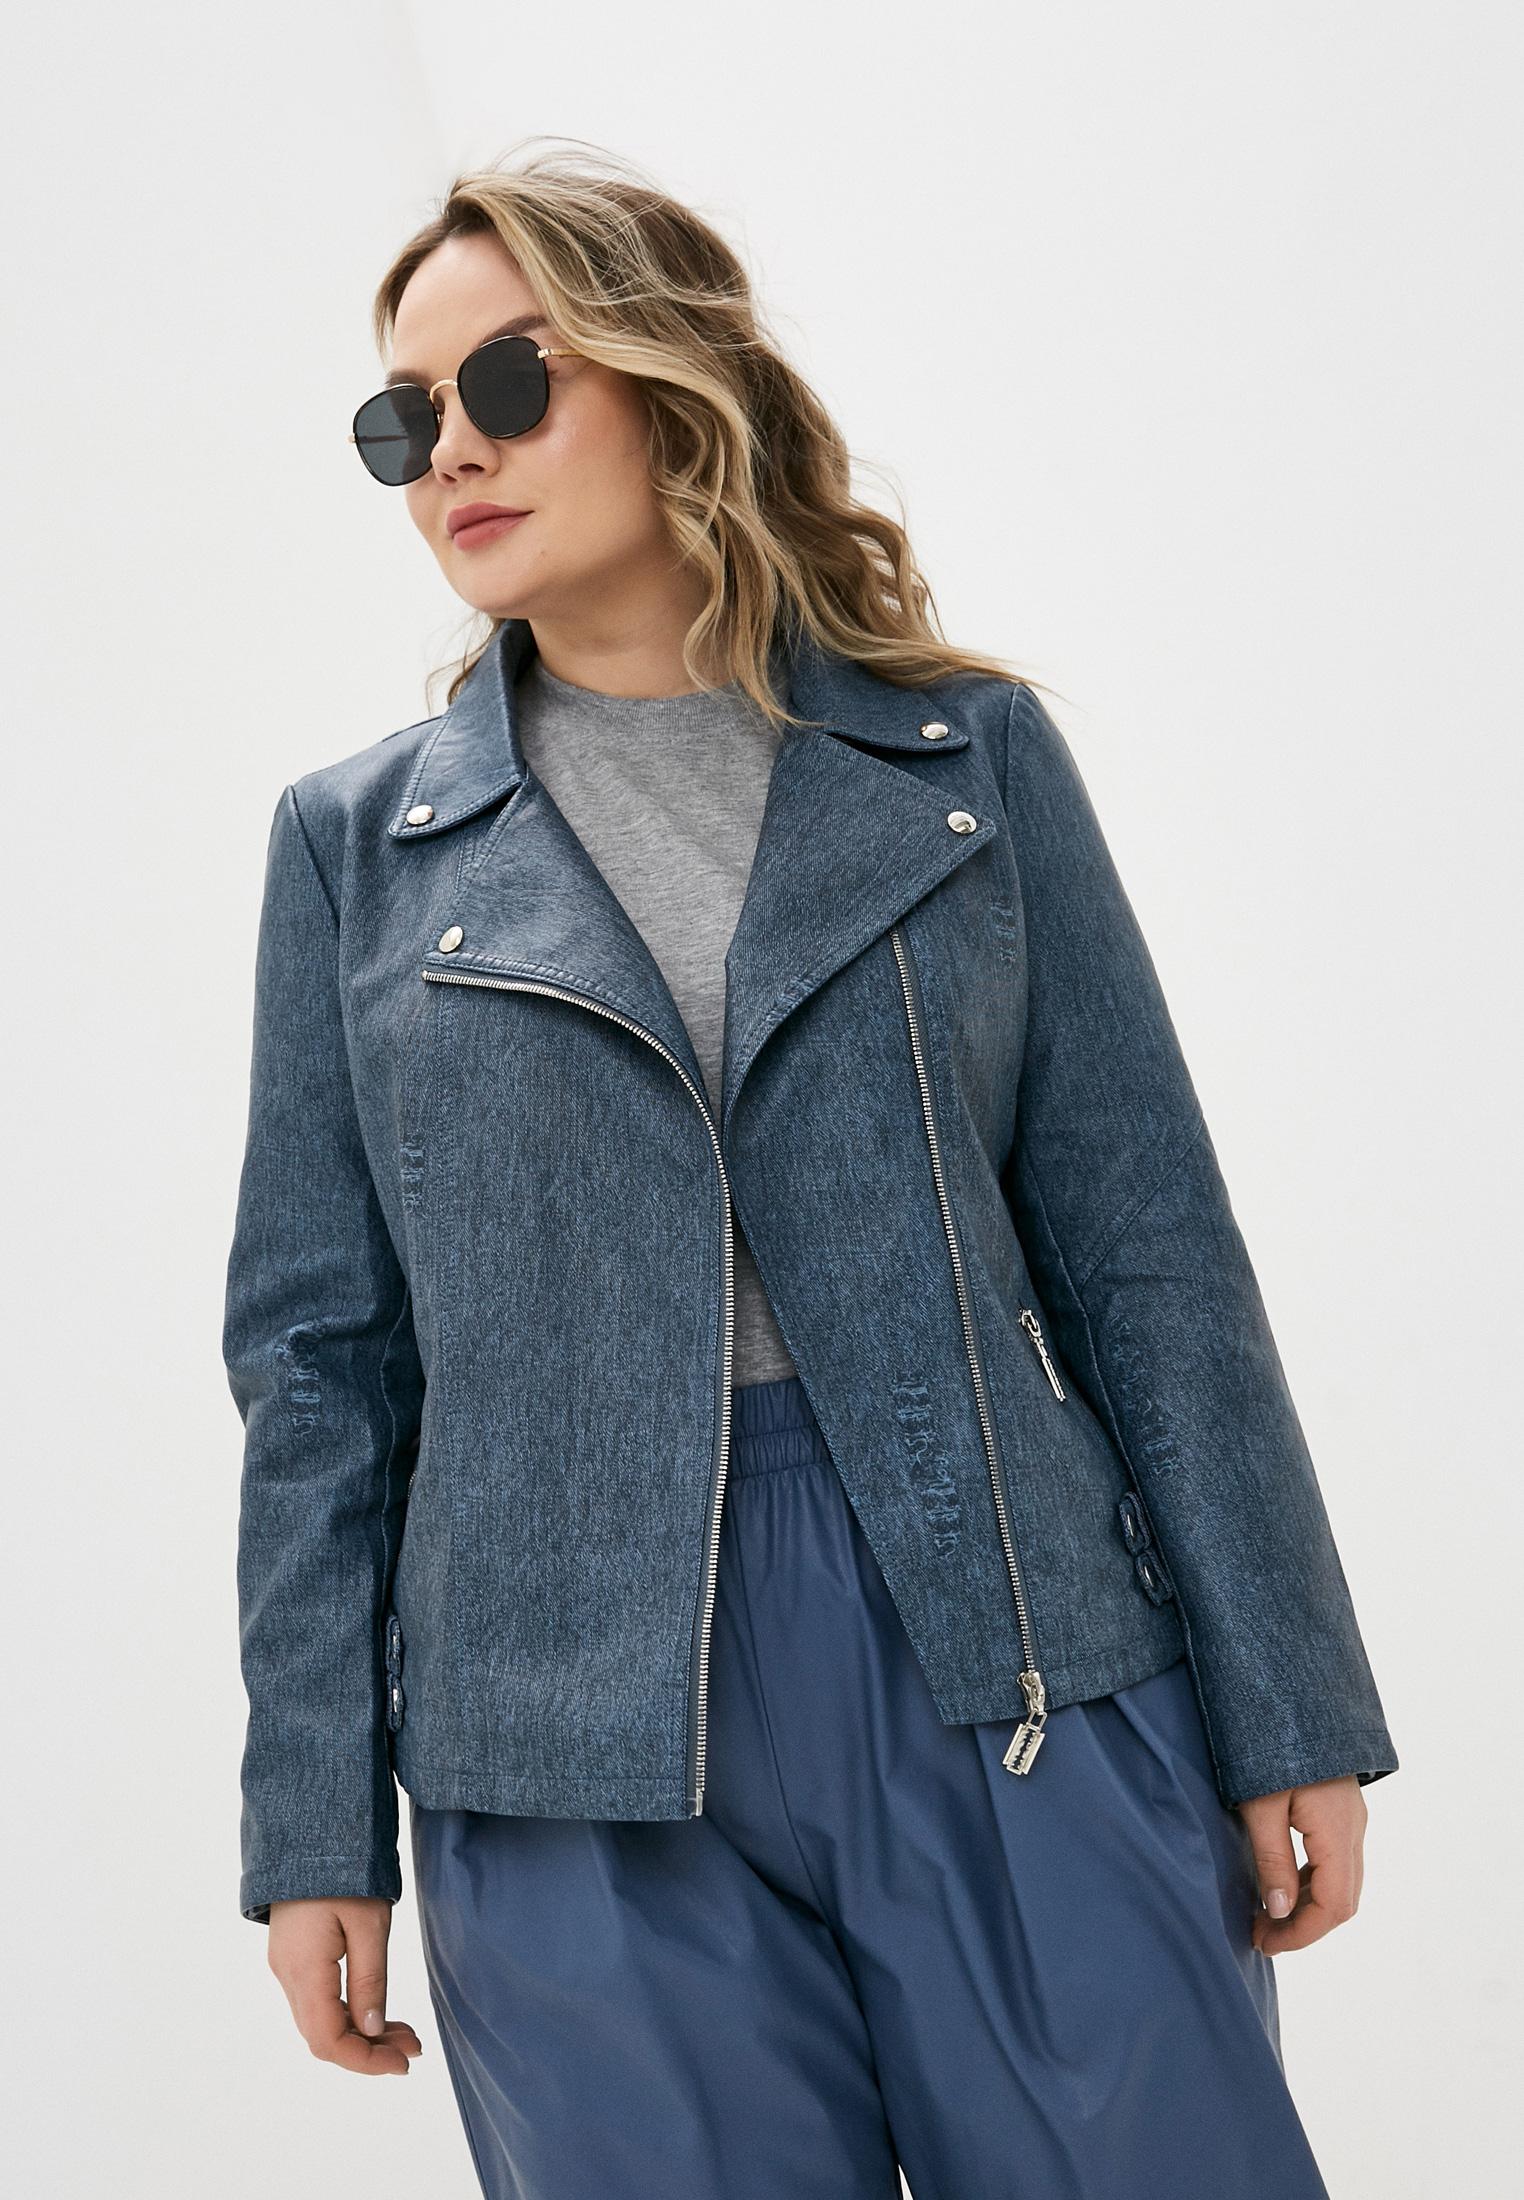 Кожаная куртка Chic de Femme Куртка кожаная Chic de Femme